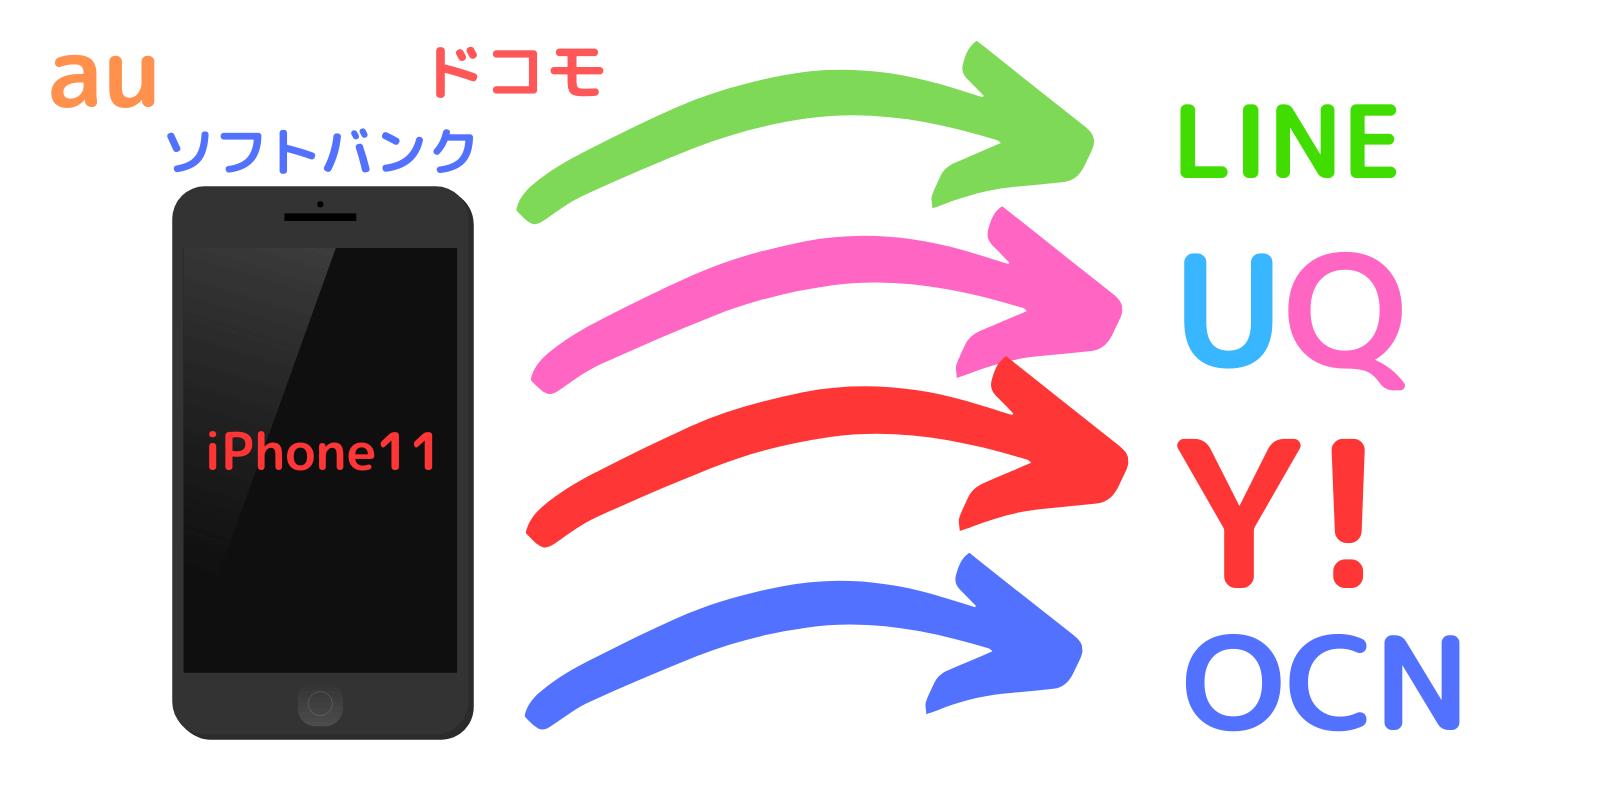 iphone11から格安SIMに乗り換える手順